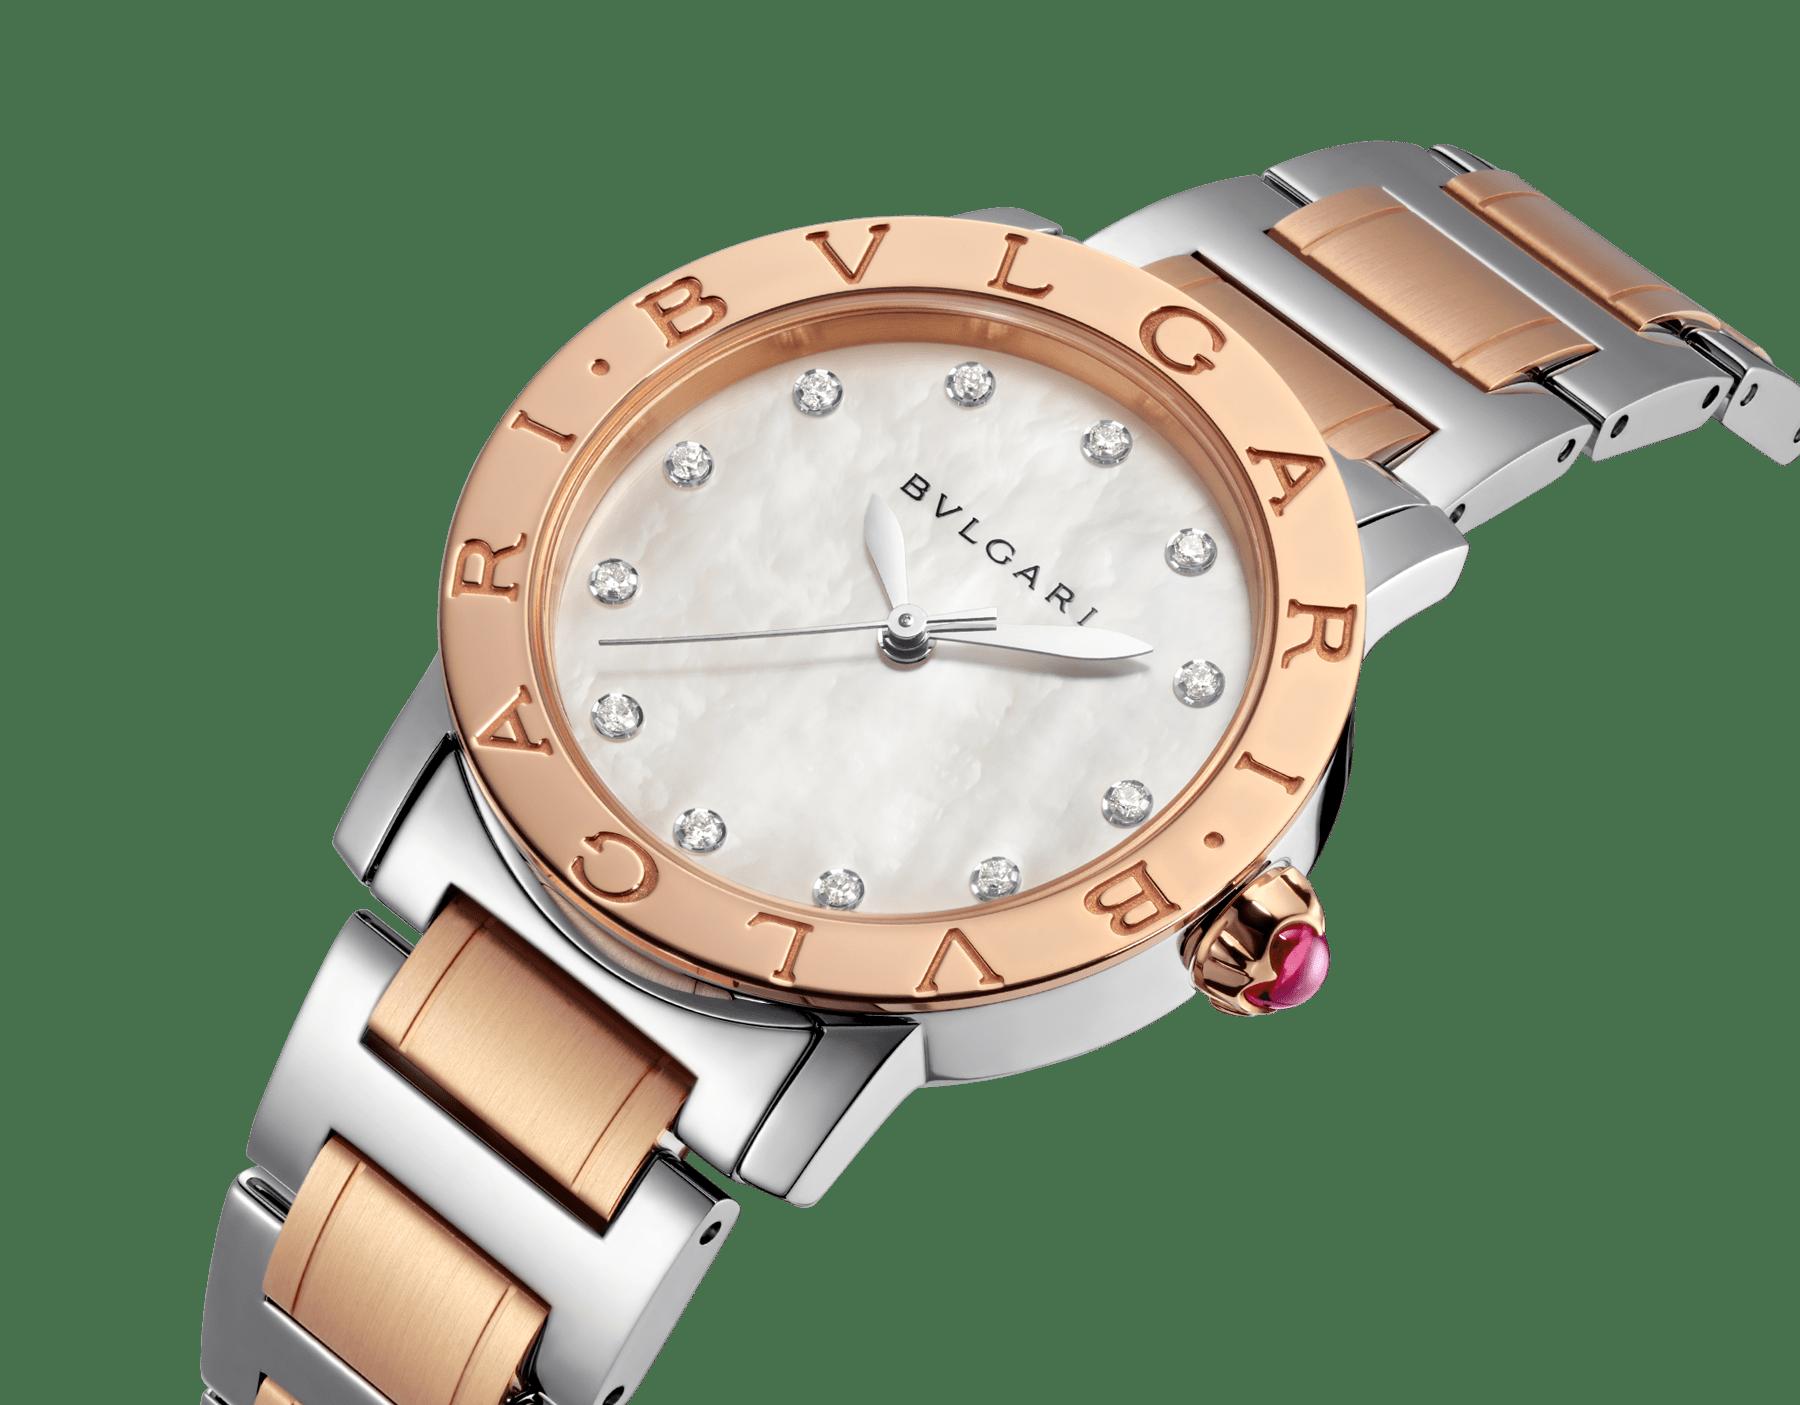 Orologio BVLGARI BVLGARI con cassa e bracciale in acciaio inossidabile e oro rosa 18 kt, quadrante bianco in madreperla e indici con diamanti. Misura media. 101891 image 2